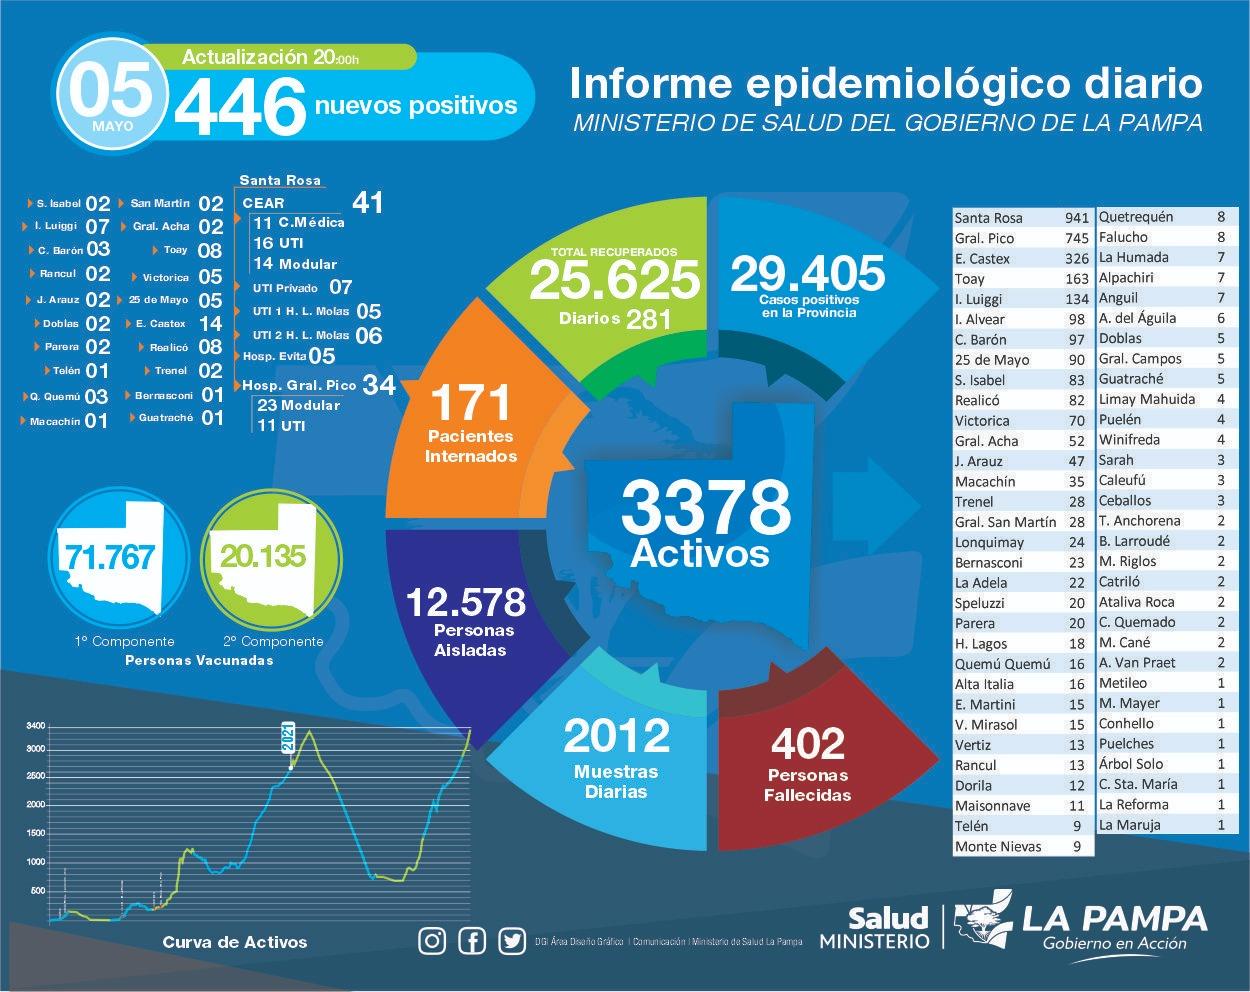 La Pampa superó las 400 muertes con COVID-19 y rompió el récord de casos activos